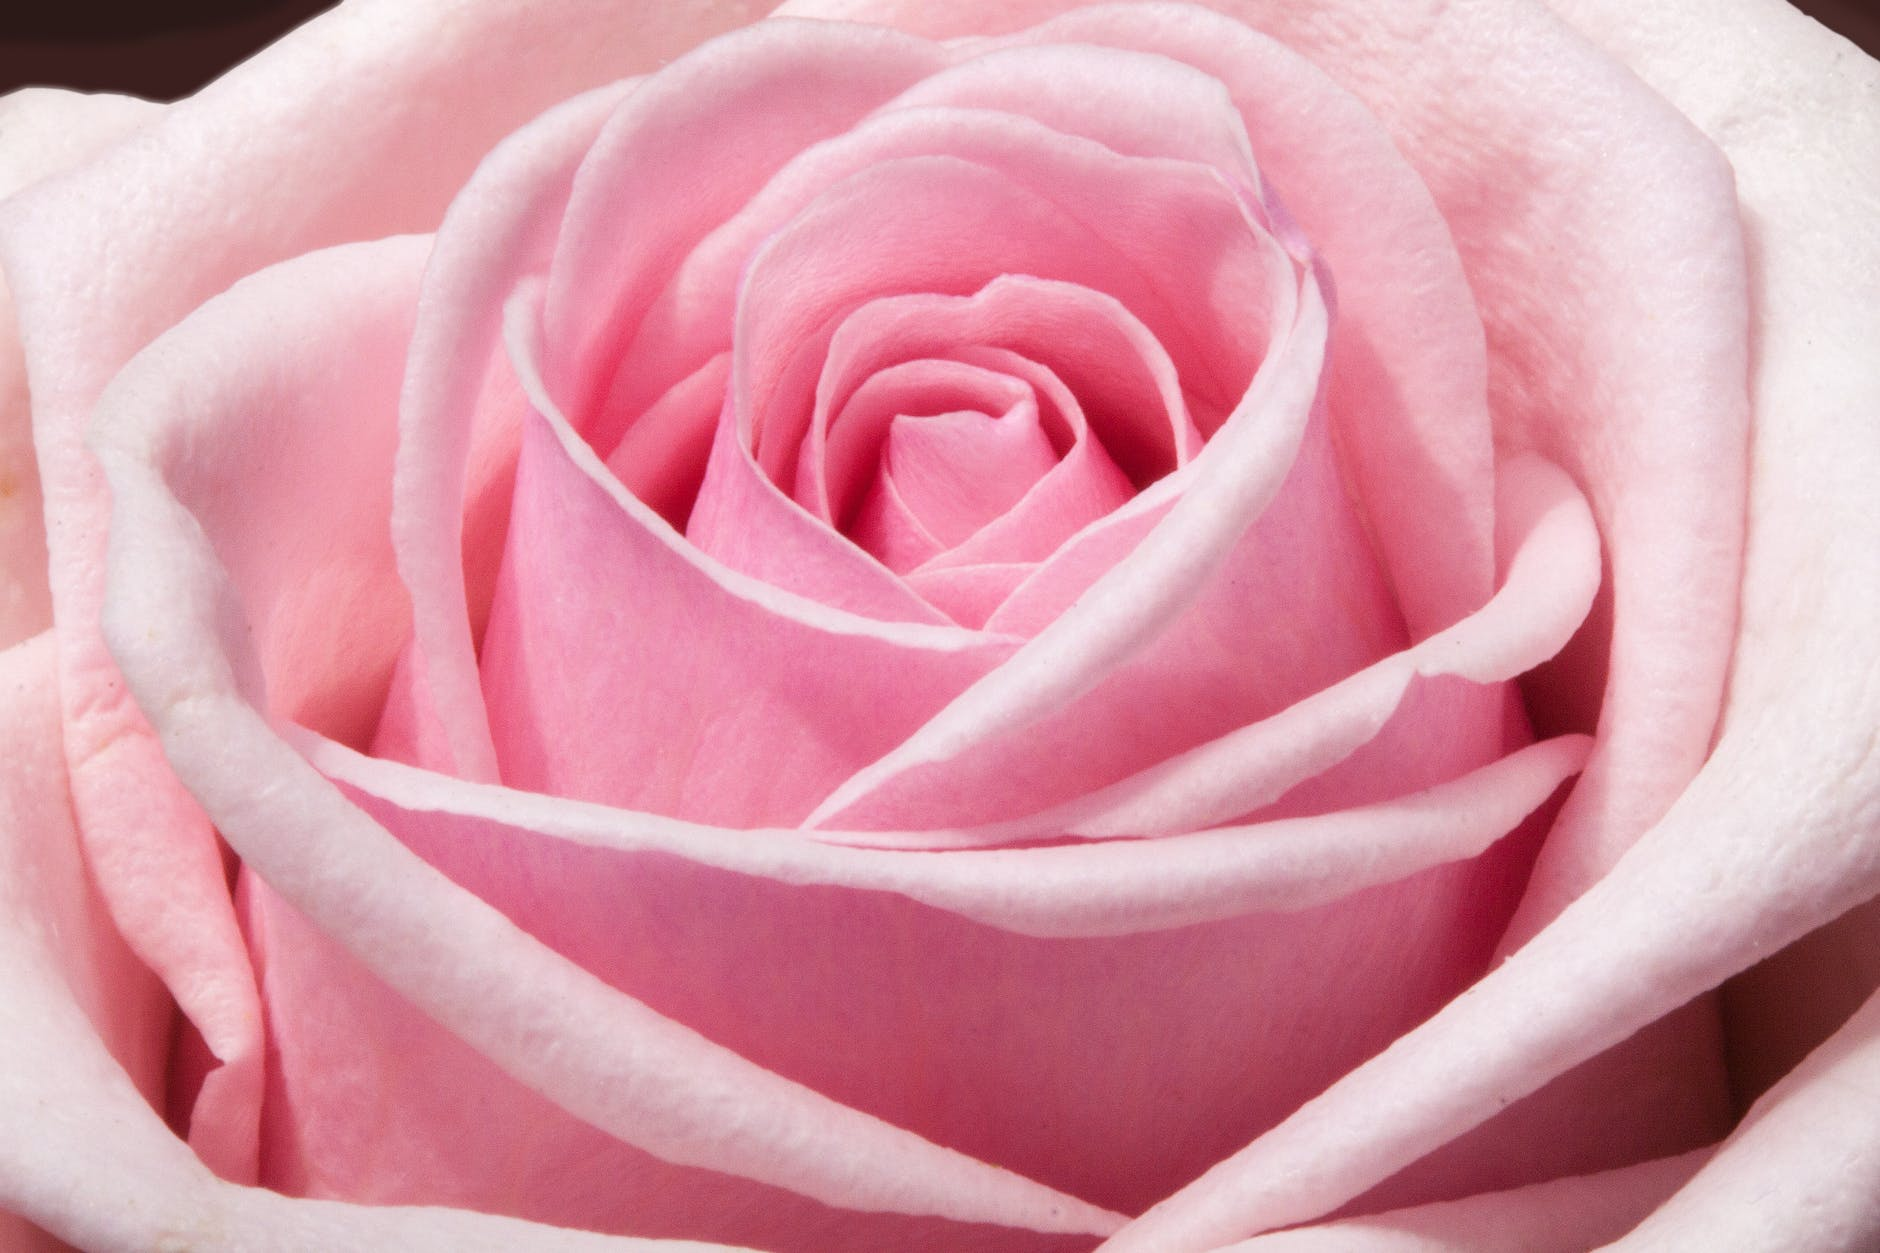 Close-up of a pink rose.